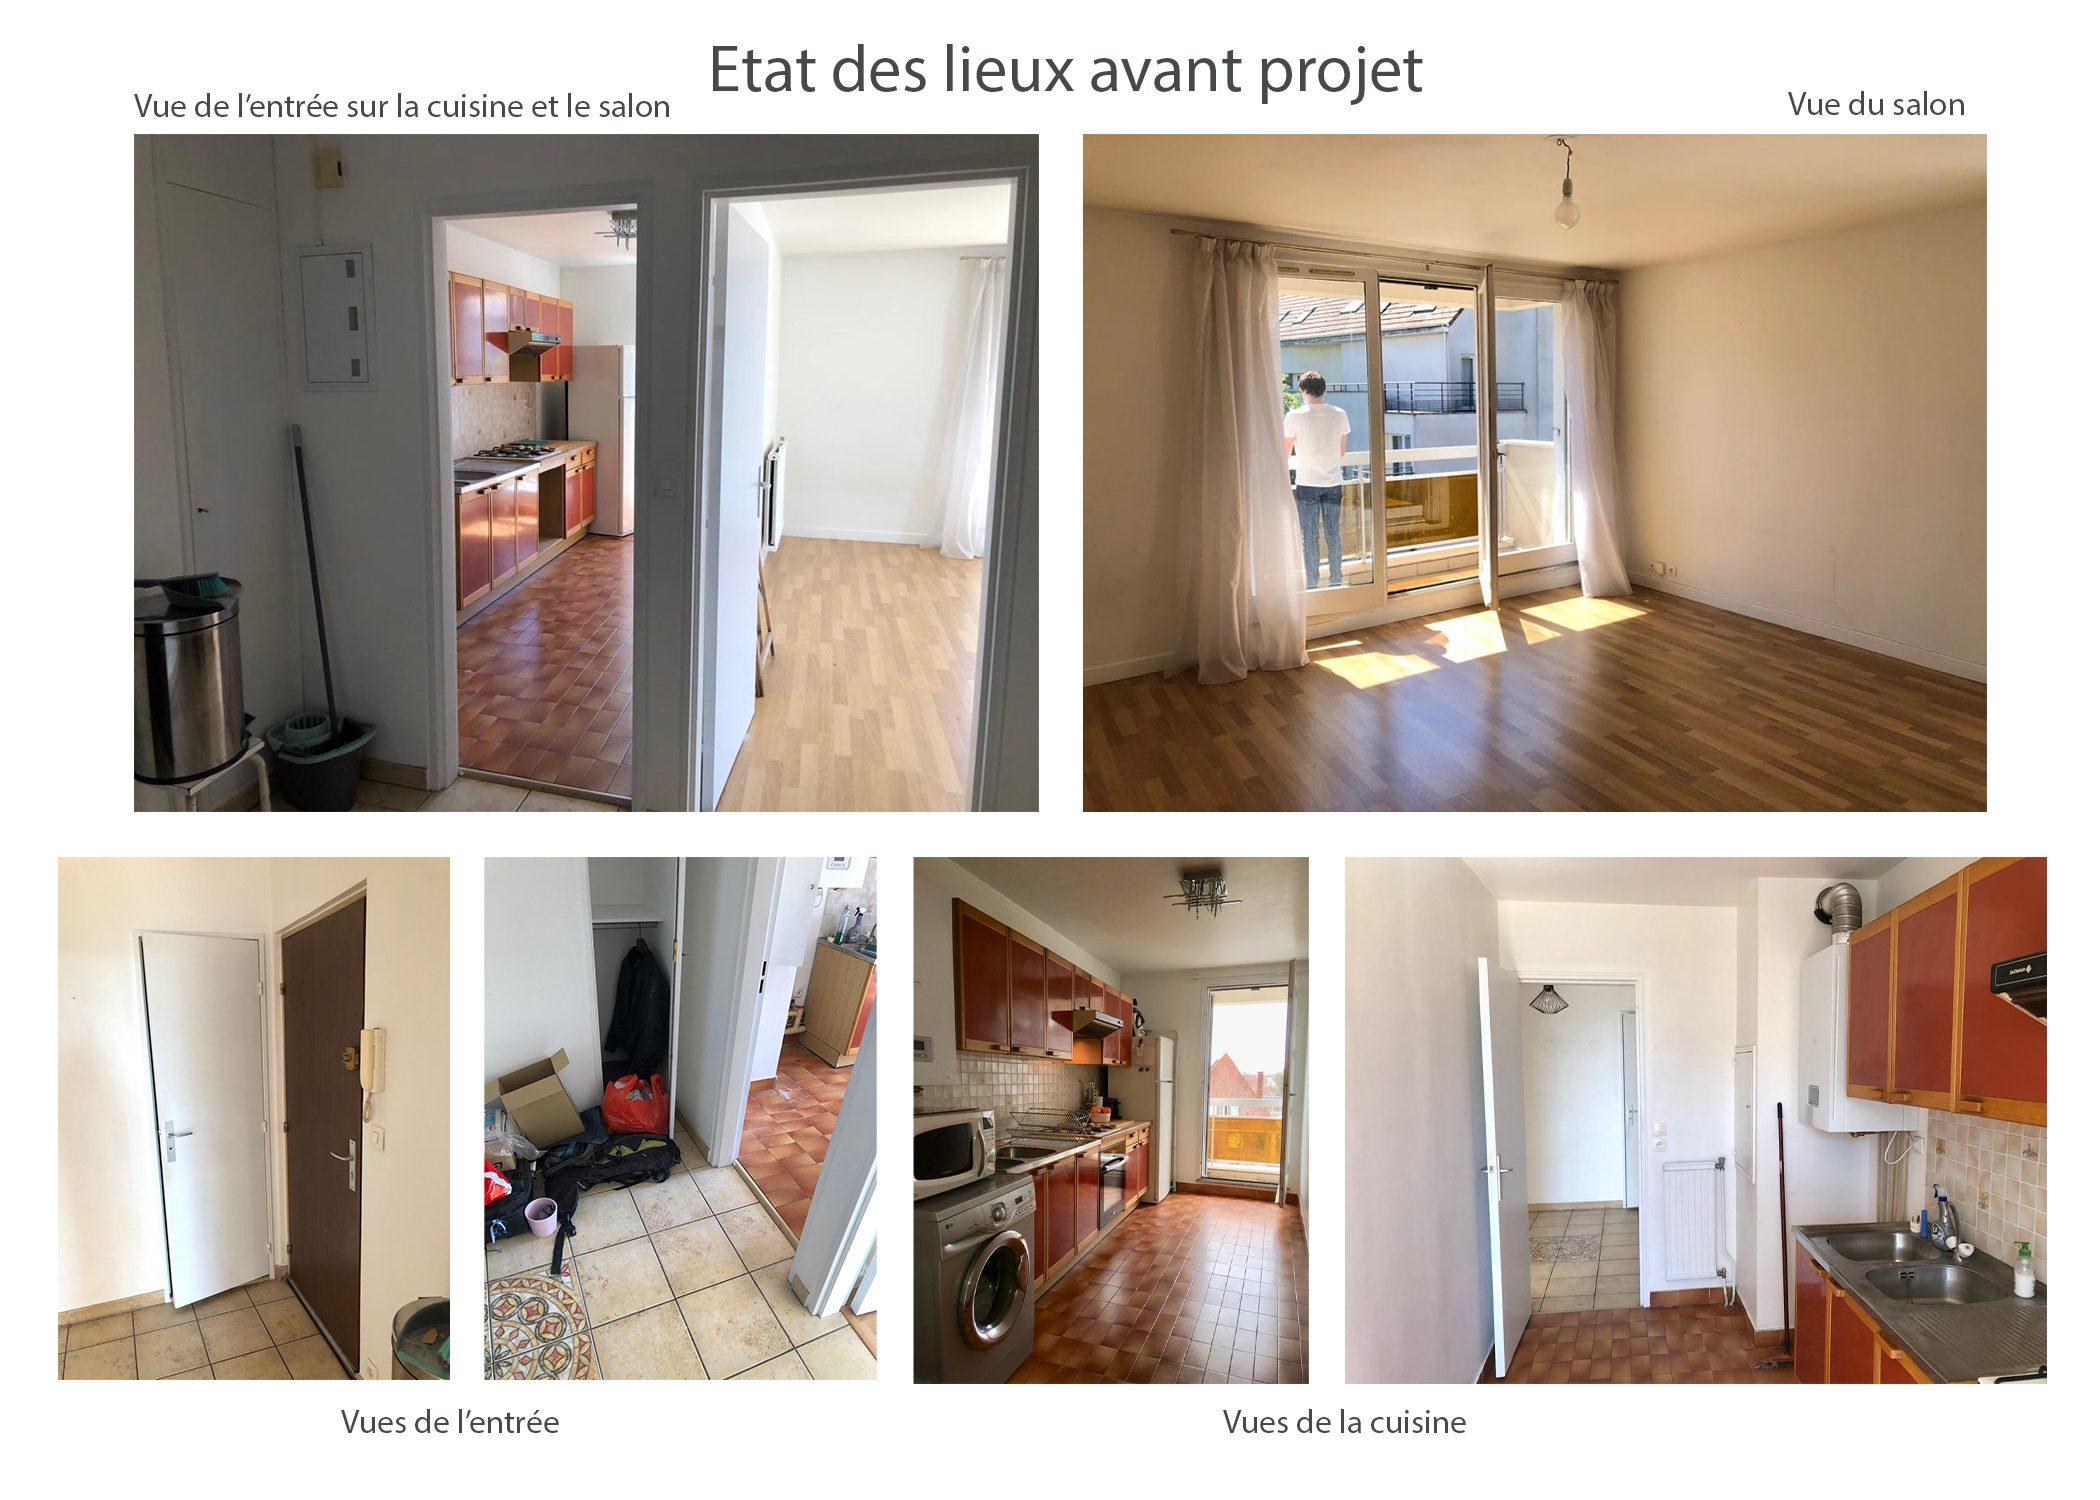 amenagement-decoration-appartement-region parisienne-etat des lieux avant projet-dekho design